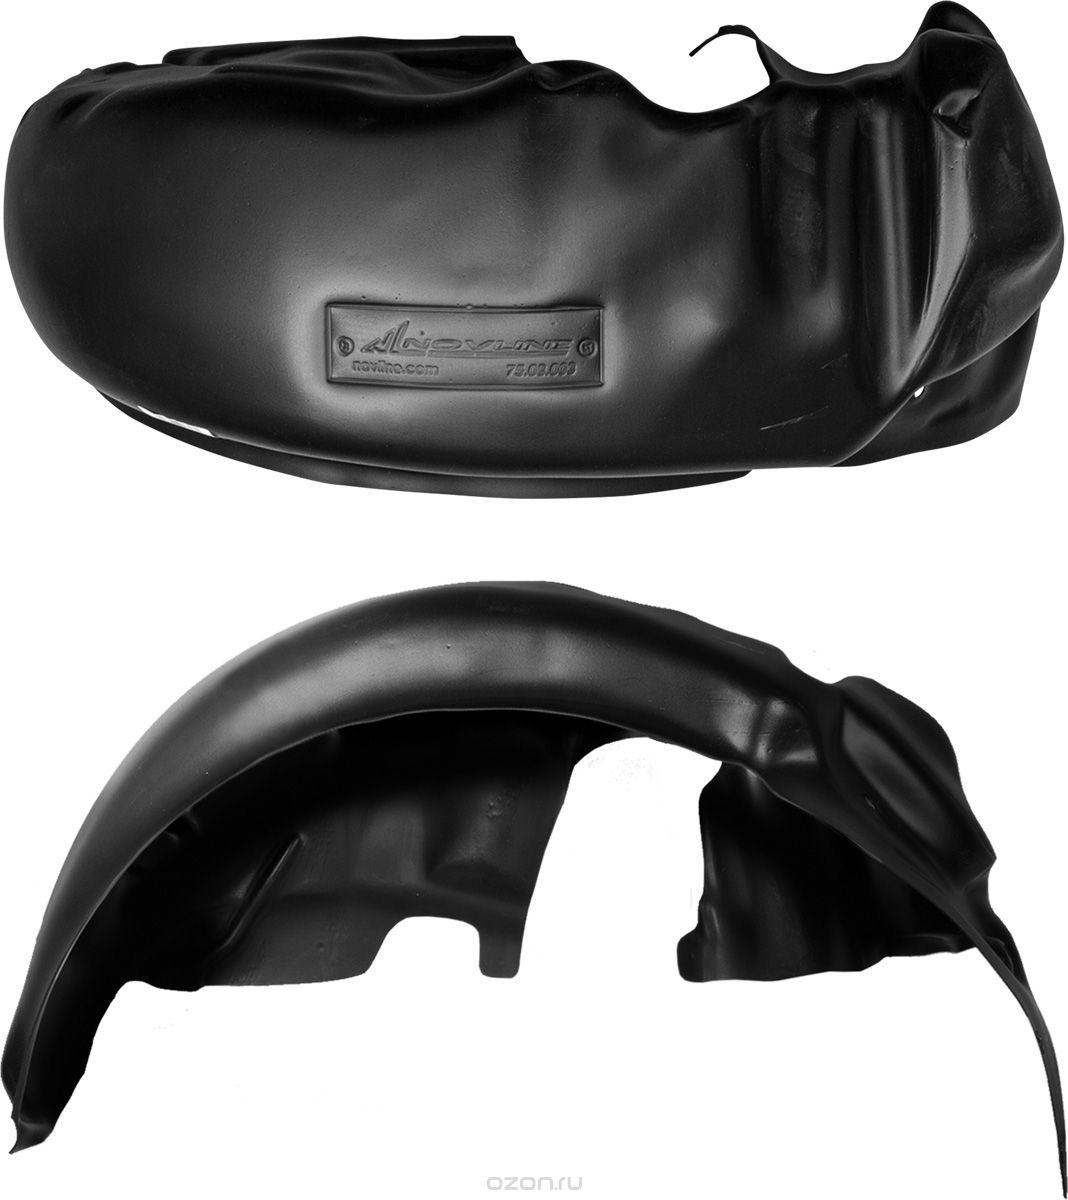 Подкрылок Novline-Autofamily, для FORD Fiesta, 2015-> сед./хб., передний левый42803004Идеальная защита колесной ниши. Локеры разработаны с применением цифровых технологий, гарантируют максимальную повторяемость поверхности арки. Изделия устанавливаются без нарушения лакокрасочного покрытия автомобиля, каждый подкрылок комплектуется крепежом. Уважаемые клиенты, обращаем ваше внимание, что фотографии на подкрылки универсальные и не отражают реальную форму изделия. При этом само изделие идет точно под размер указанного автомобиля.